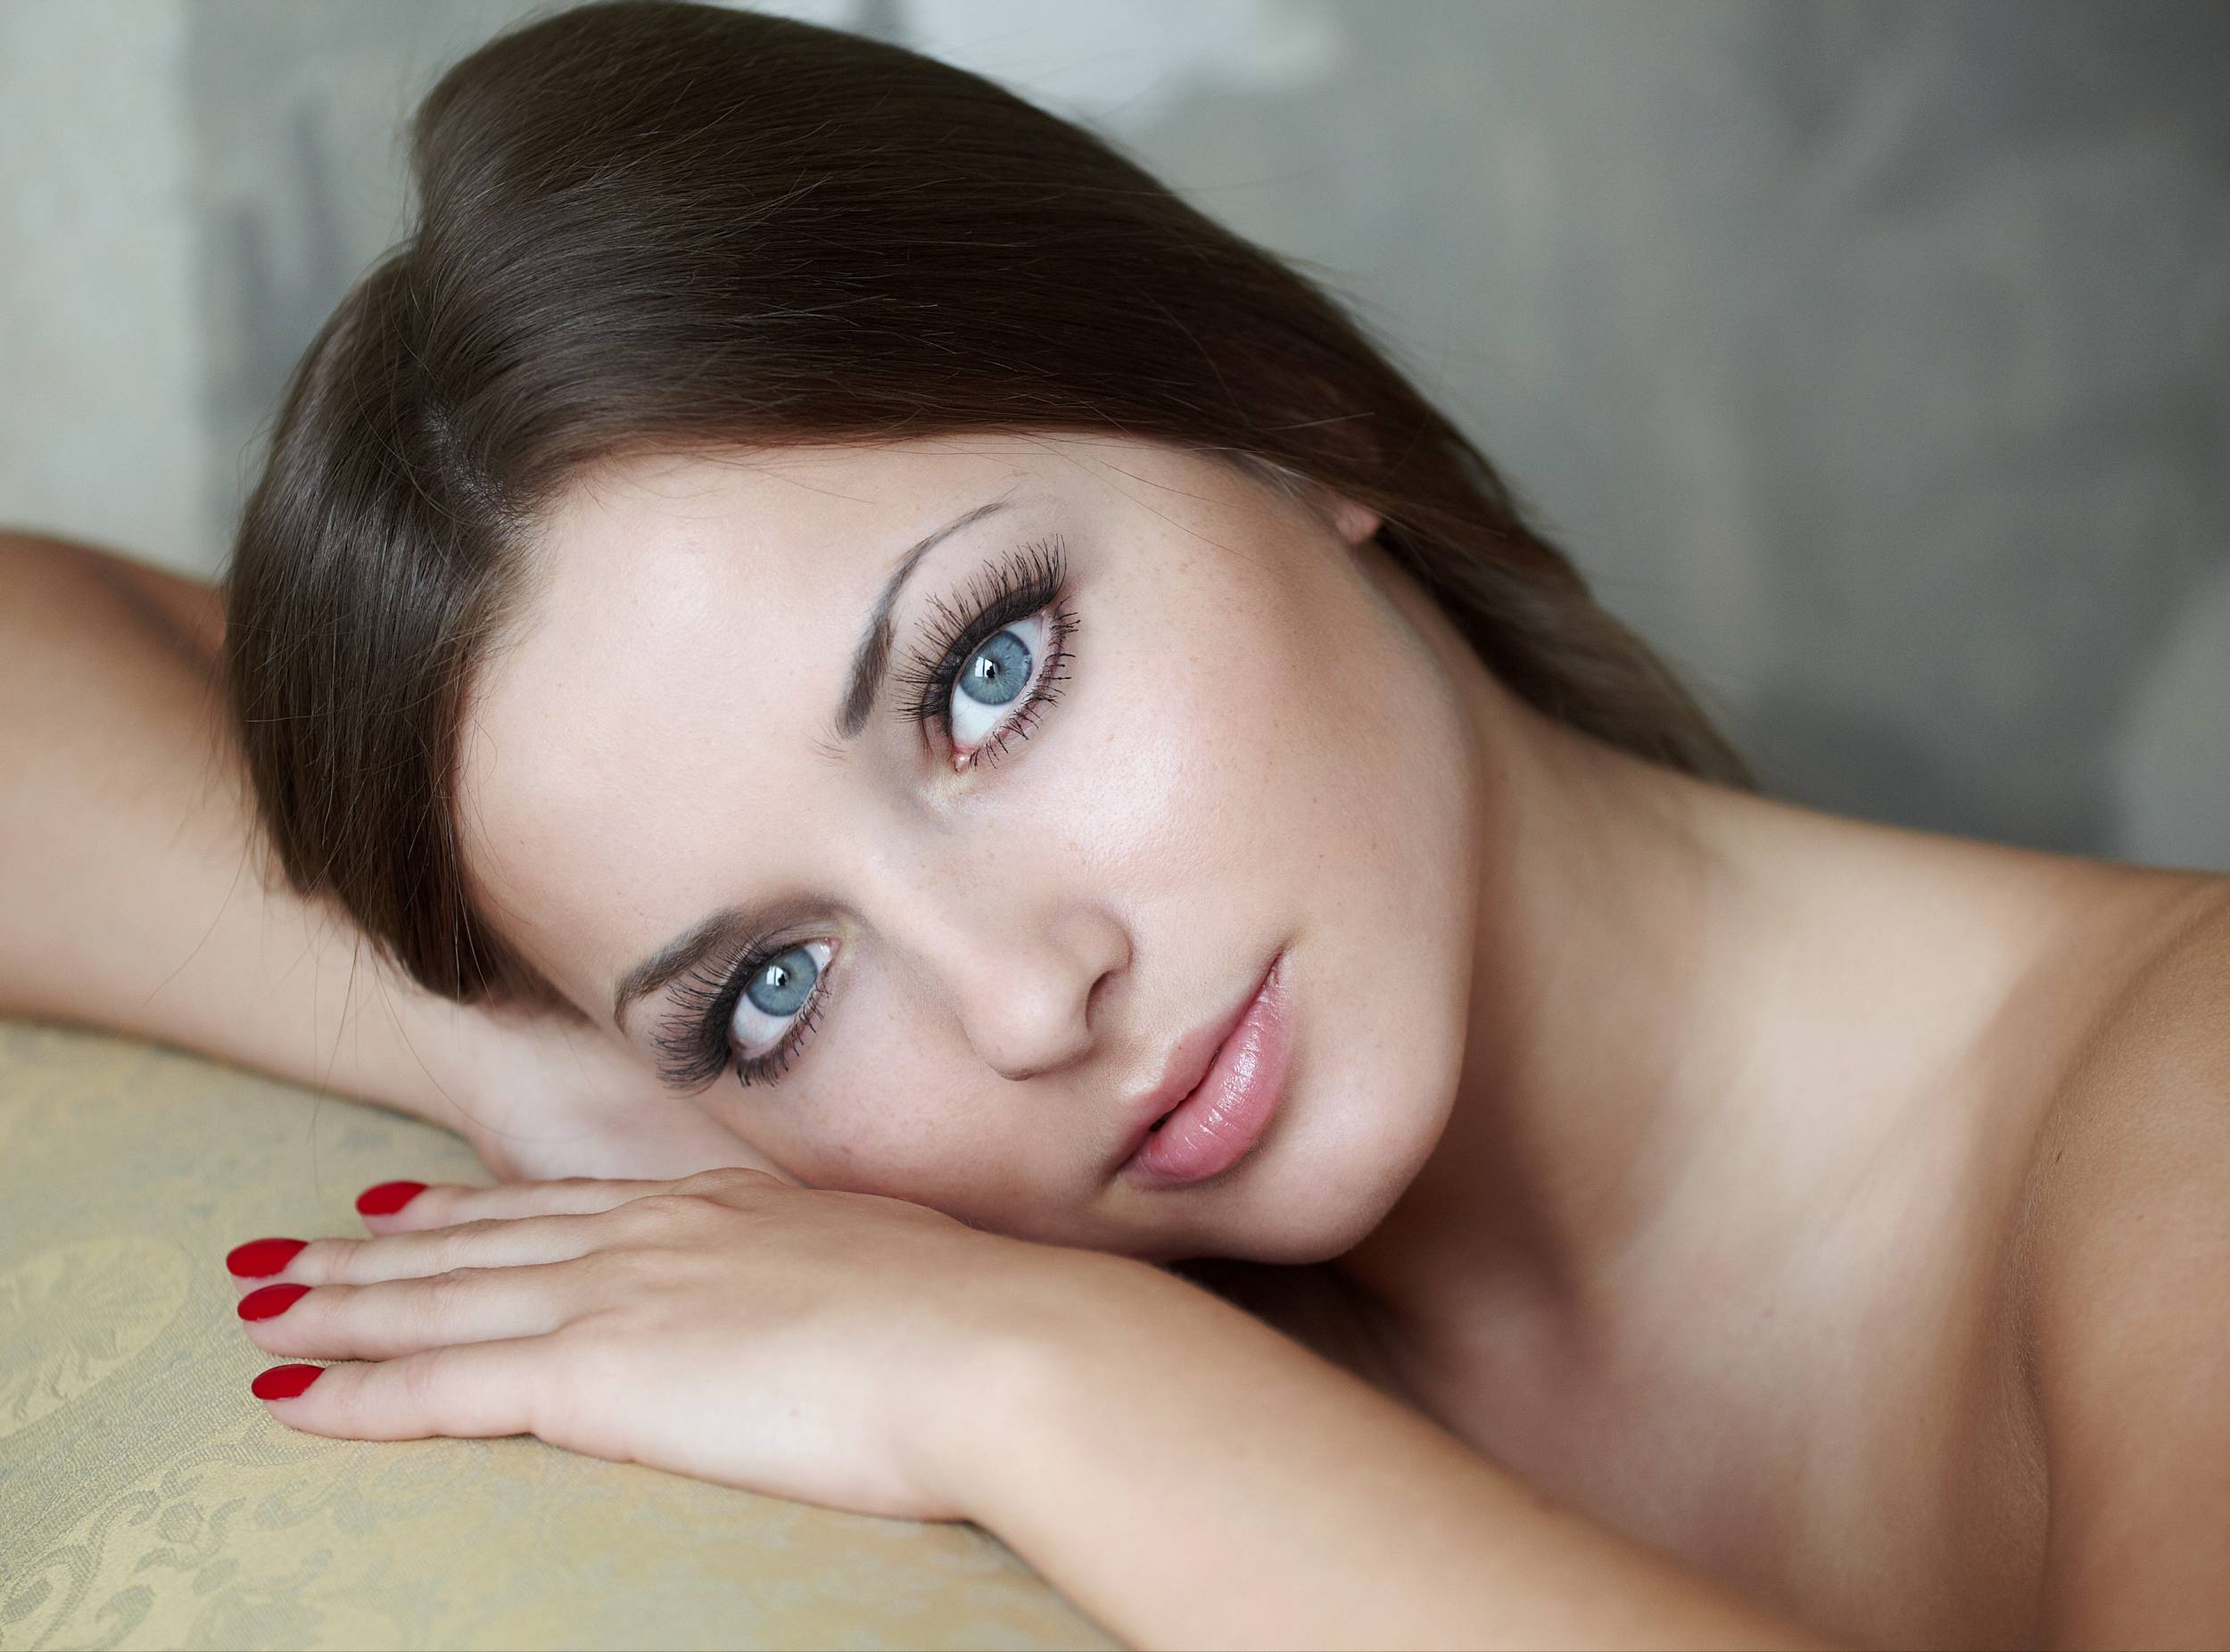 Фото девушки с красивыми глазами брюнетка 18 фотография